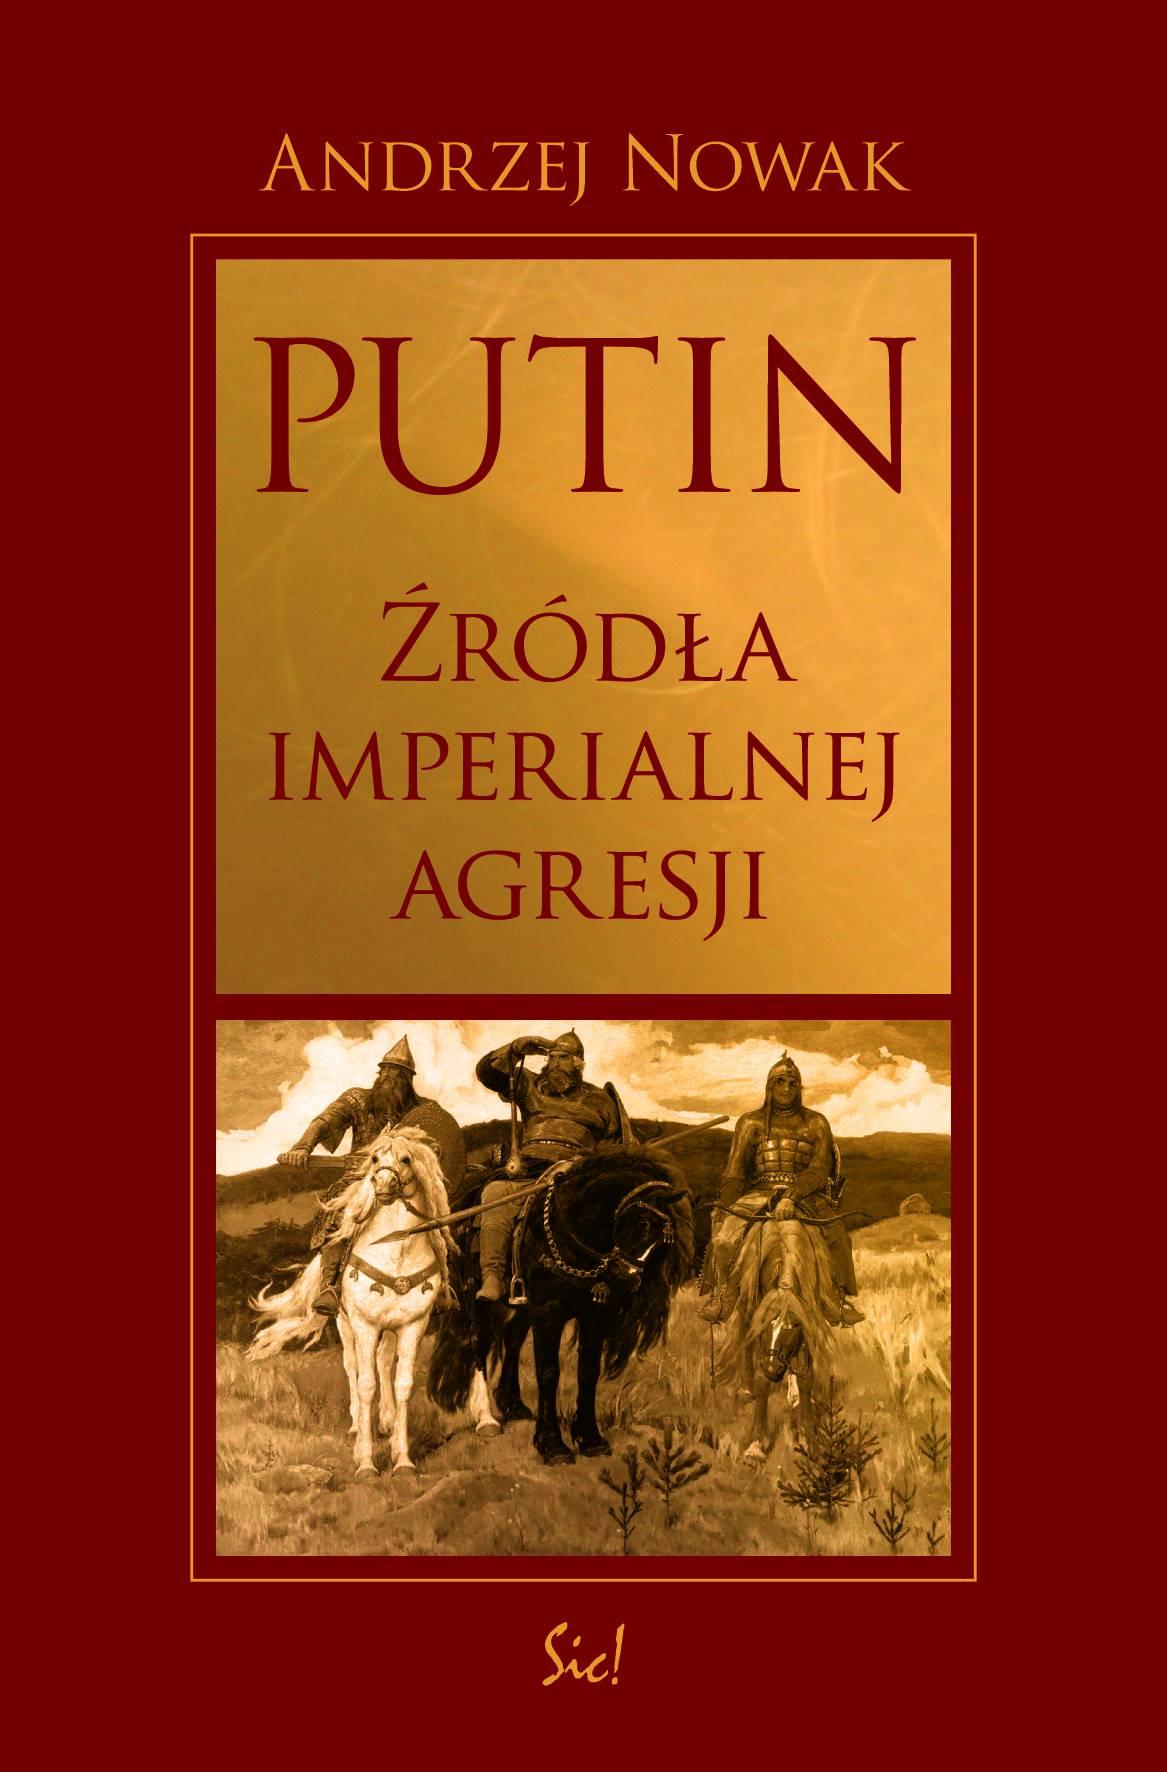 Putin. Źródła imperialnej agresji - Ebook (Książka na Kindle) do pobrania w formacie MOBI